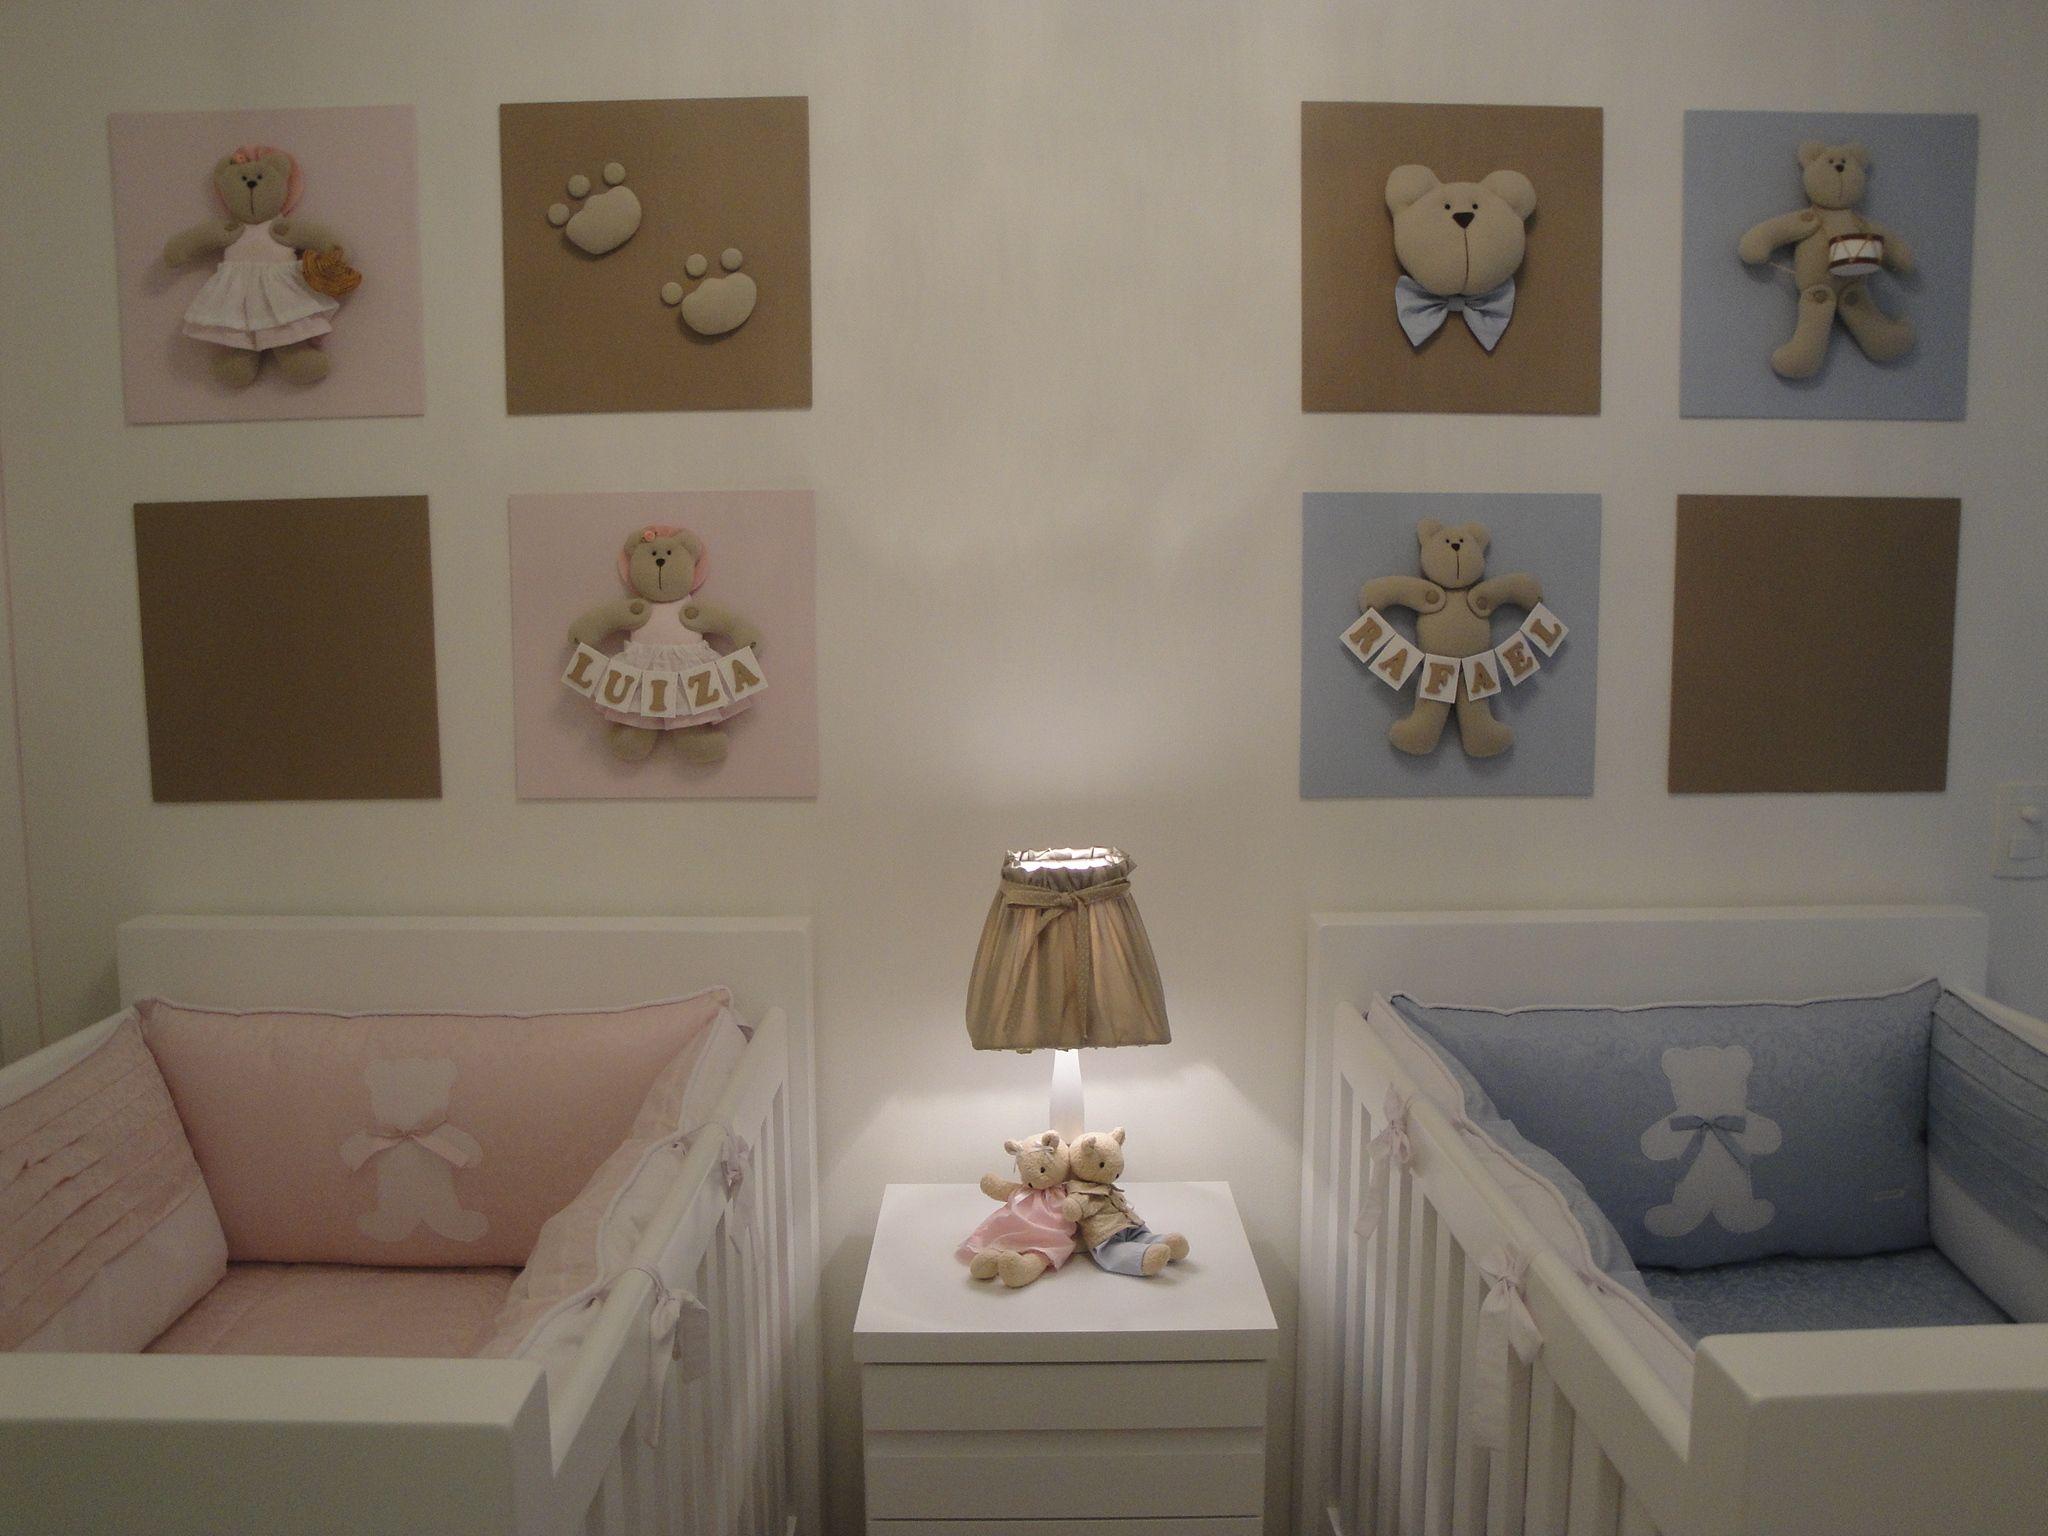 50 Ideias De Quartos Para Beb S G Meos Babies Nursery And Room ~ Imagens Para Decorar O Quarto E Quarto De Casal De Gemeos